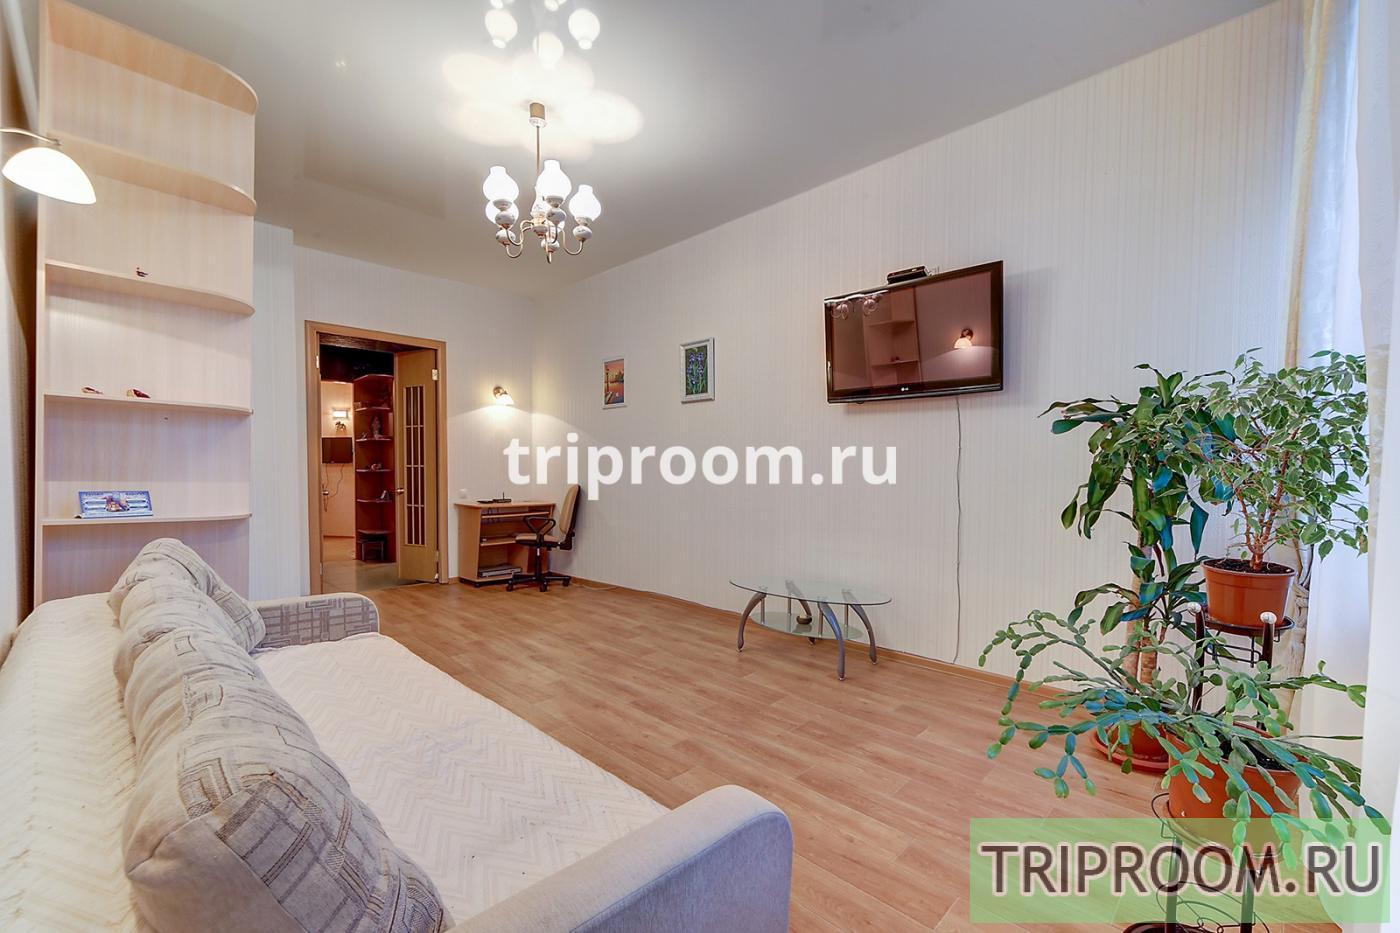 2-комнатная квартира посуточно (вариант № 15459), ул. Адмиралтейская набережная, фото № 1